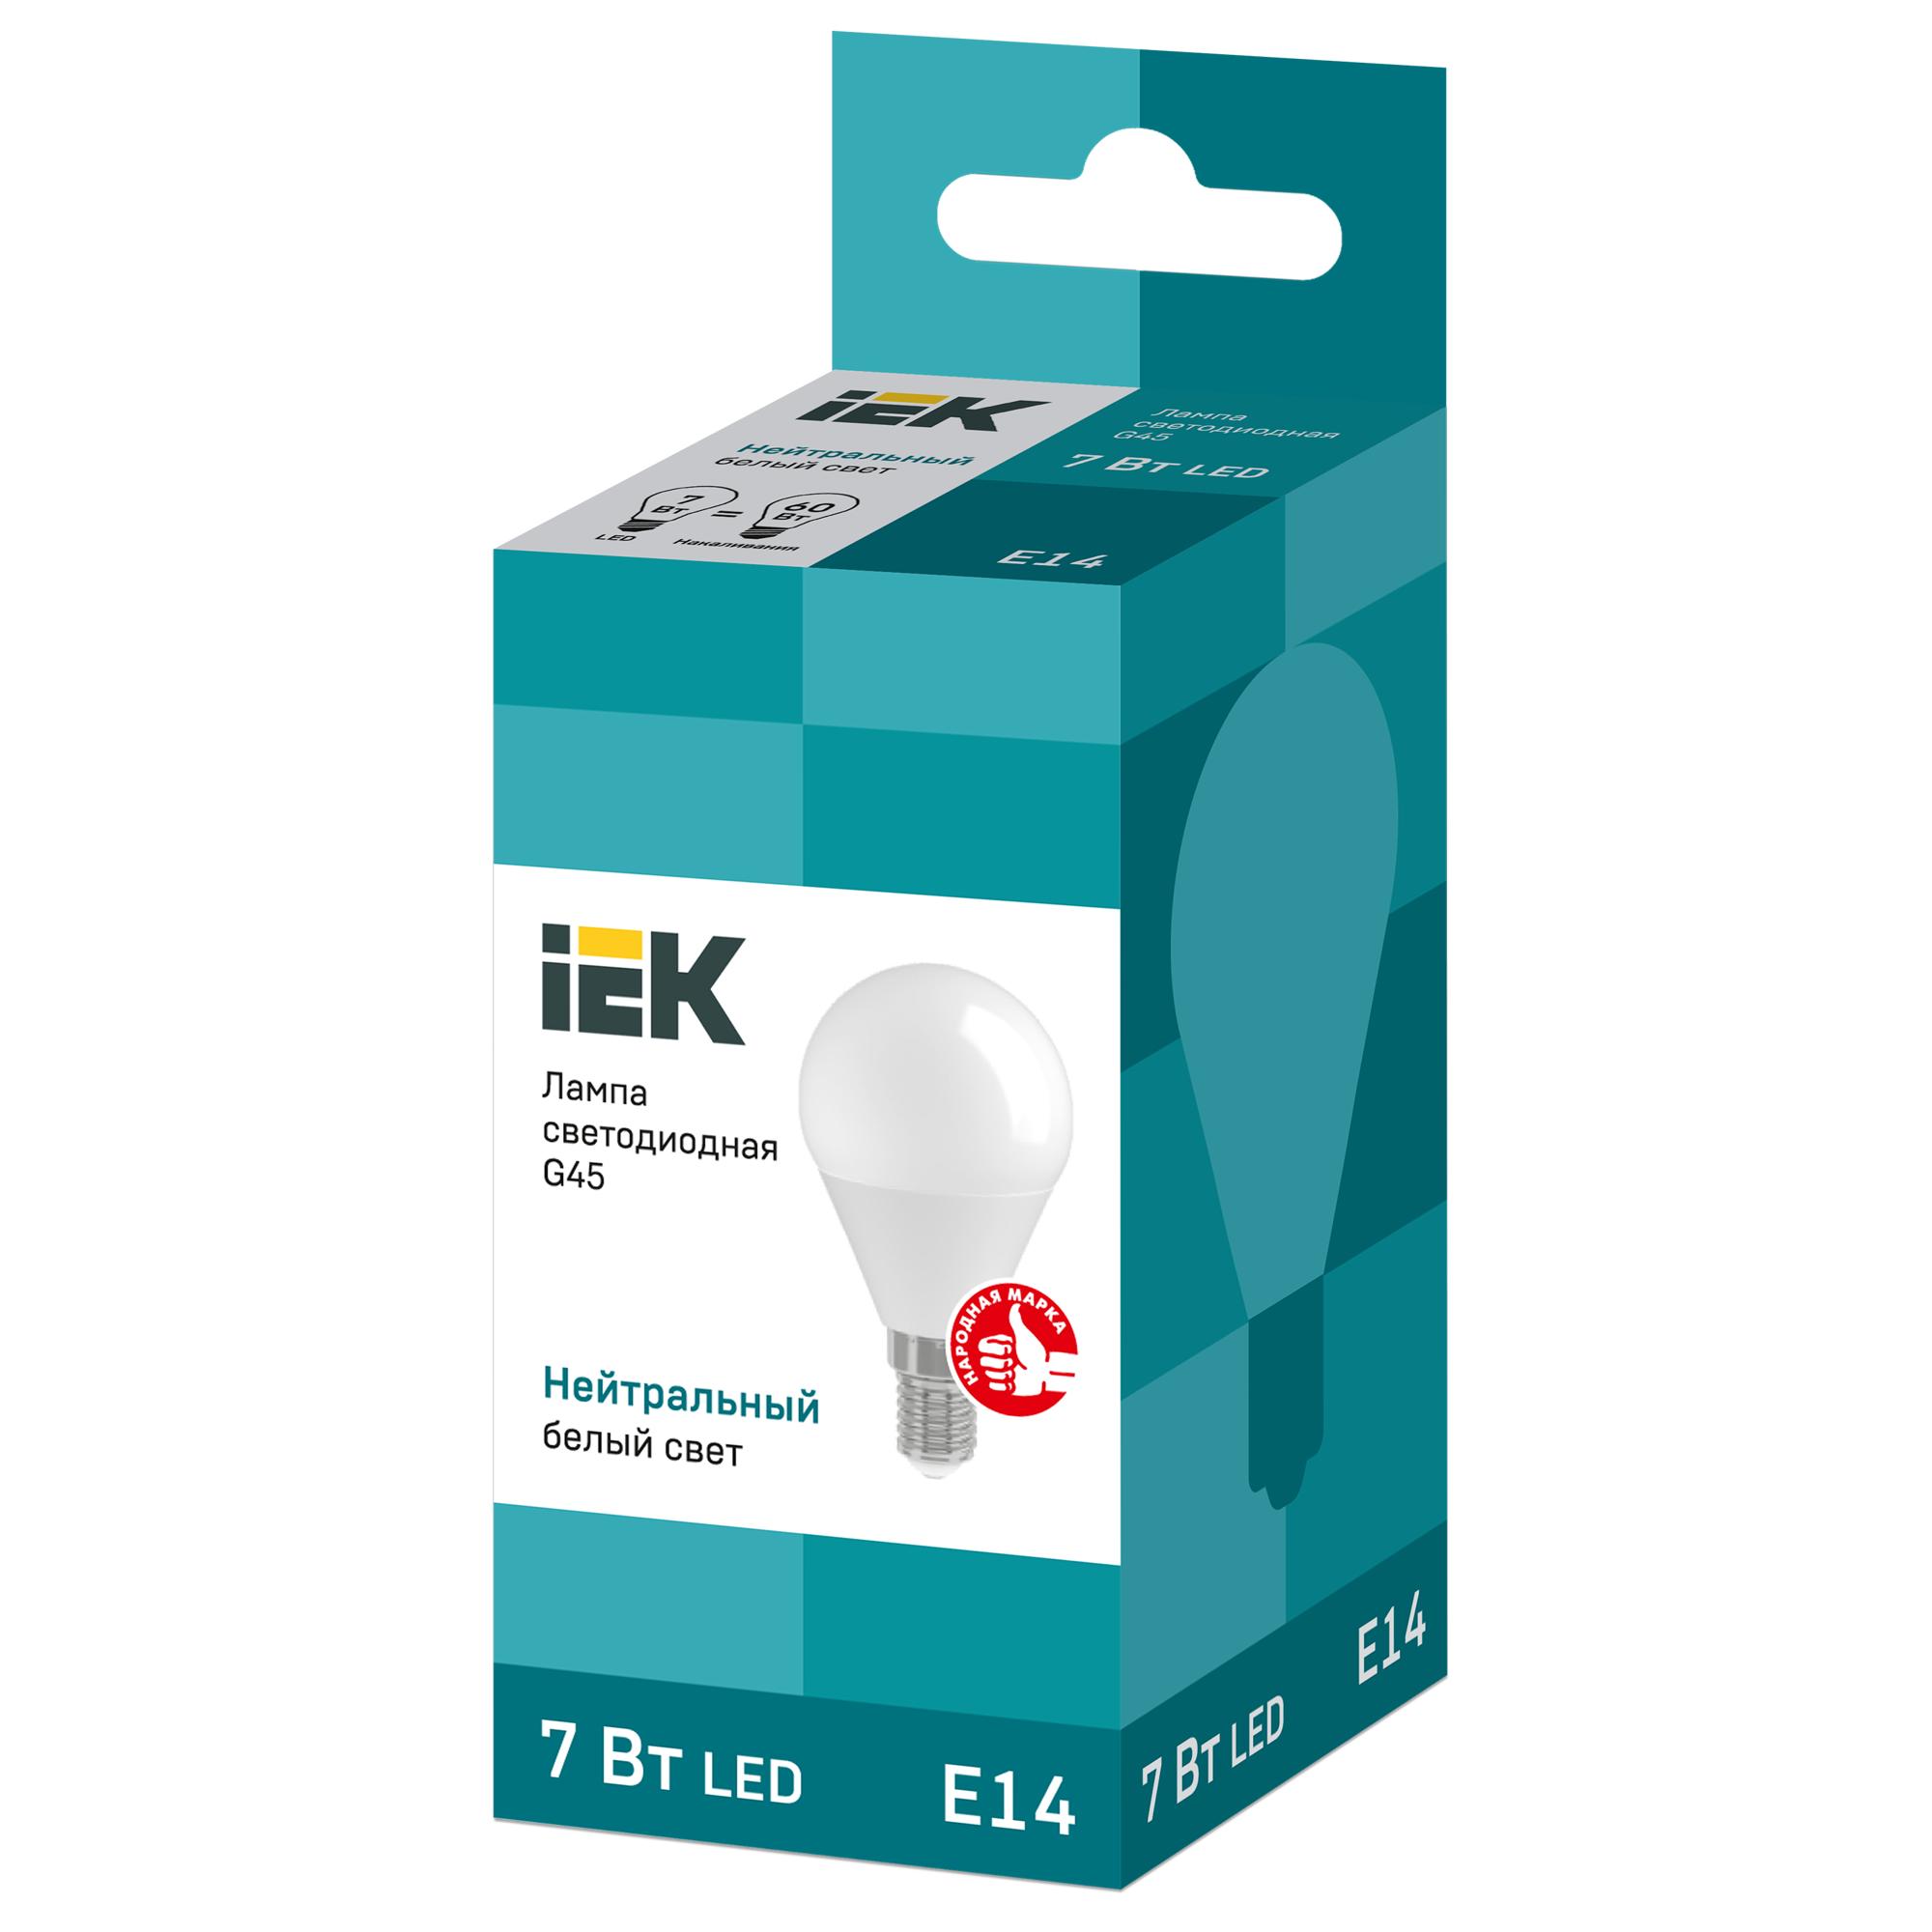 Лампа светодиодная IEK G45 Шар E14 7 Вт 4000К свет холодный белый